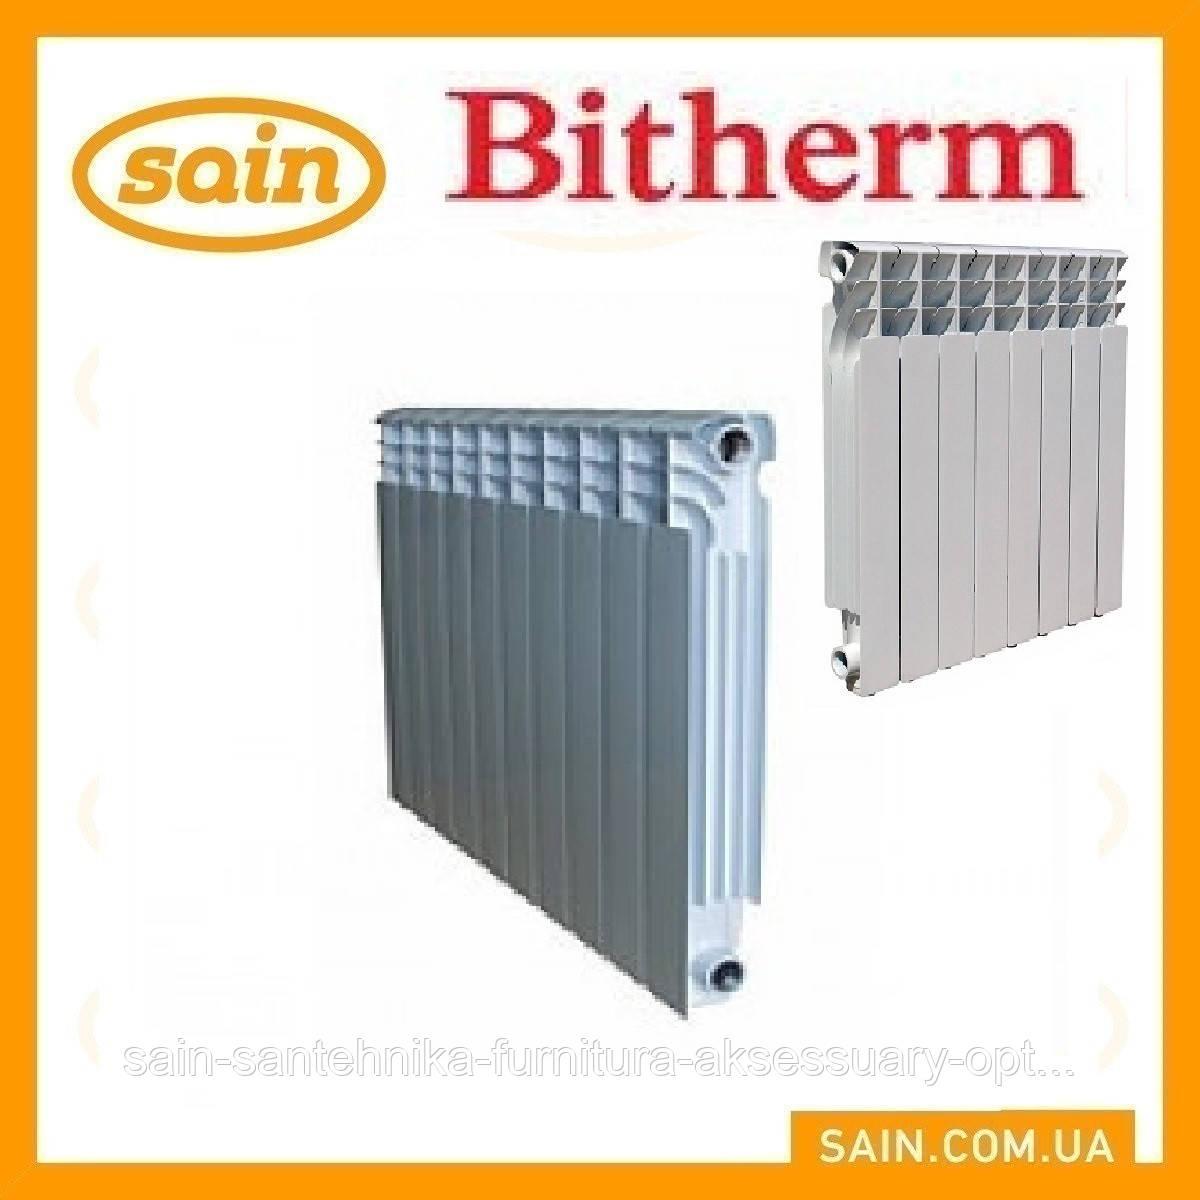 Радиатор биметаллический Bitherm 100x500 (производство Польша)